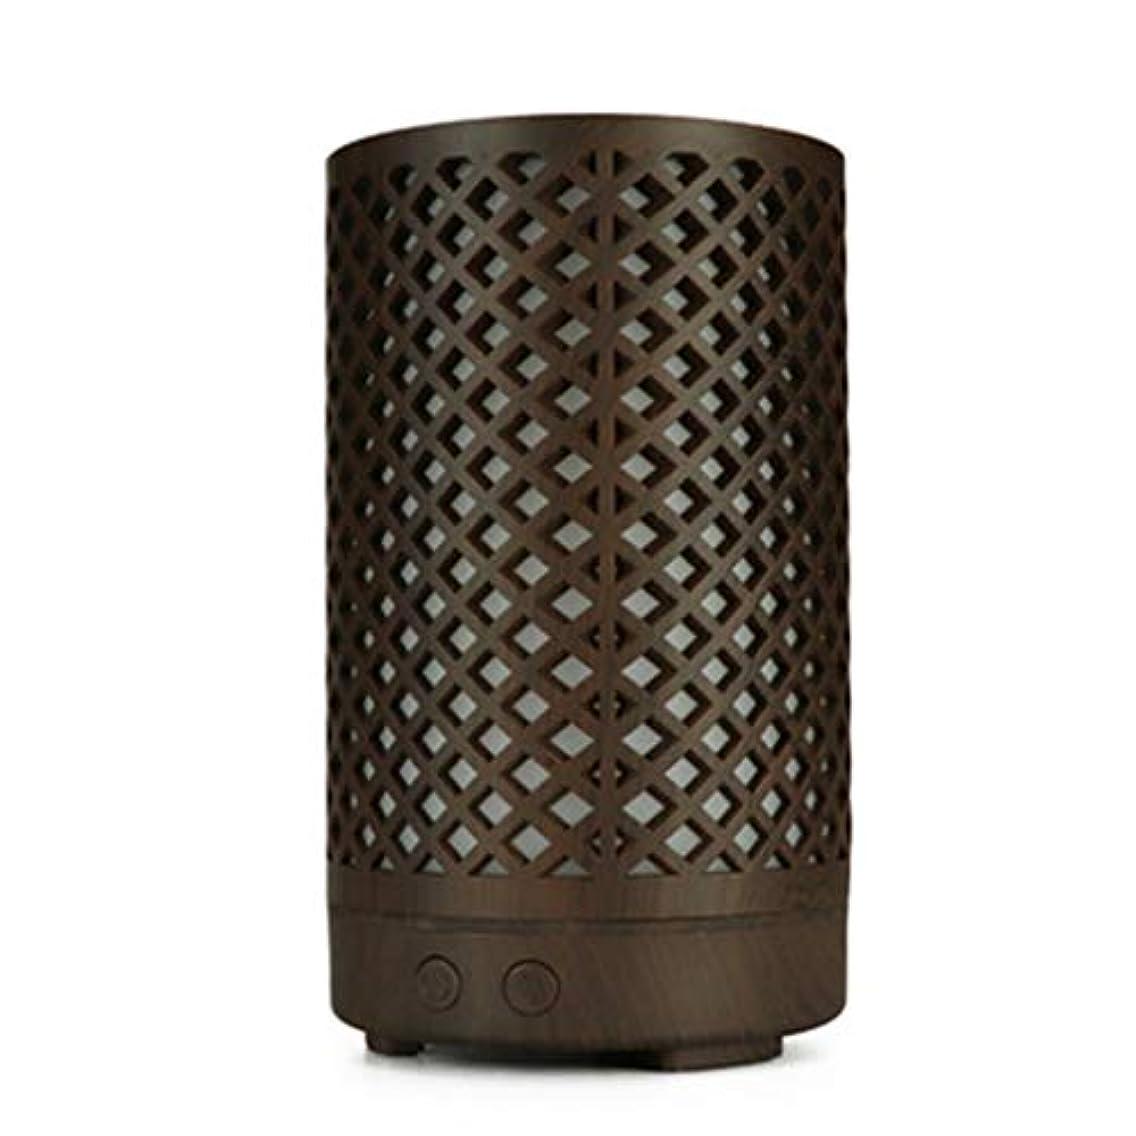 エレベーターシーケンス力学木目加湿器家庭用100ミリリットルミニデスクトップカラフルなアロマテラピーマシン (Color : Dark wood grain)